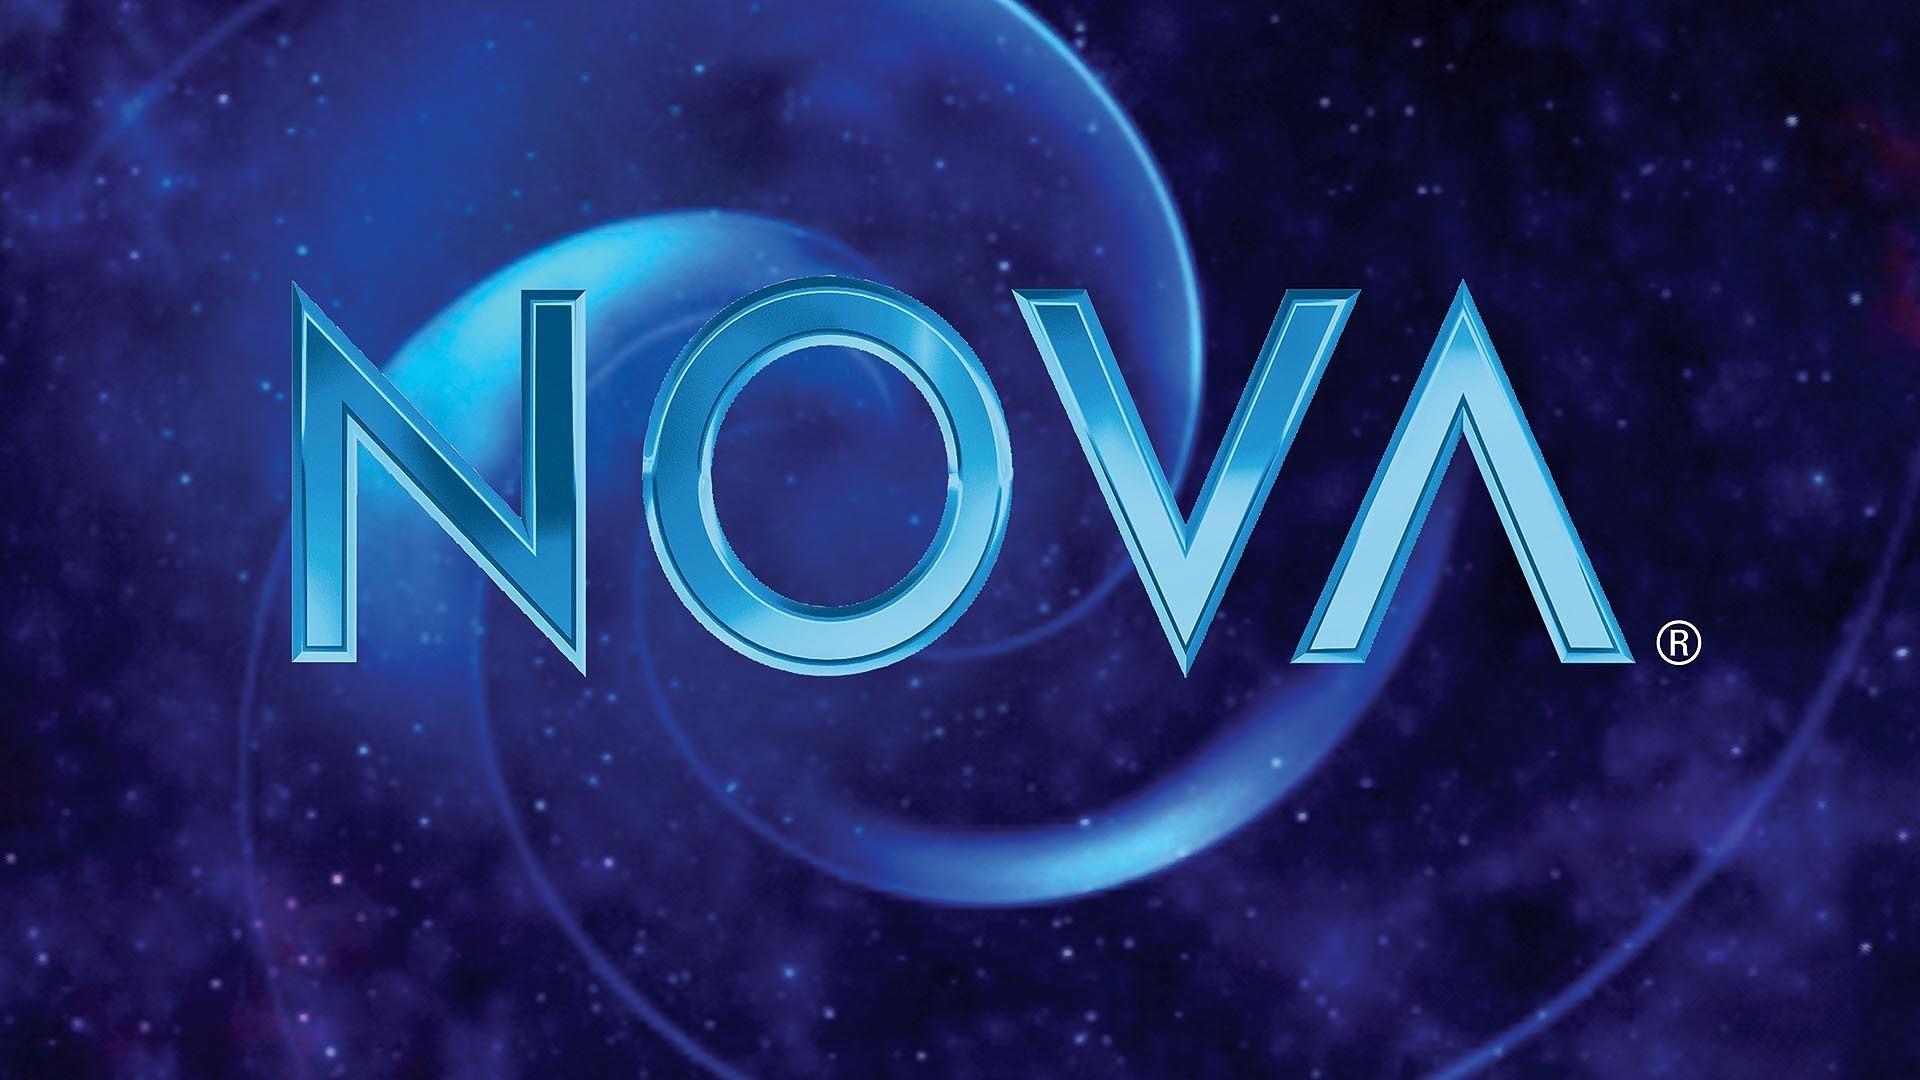 Show NOVA